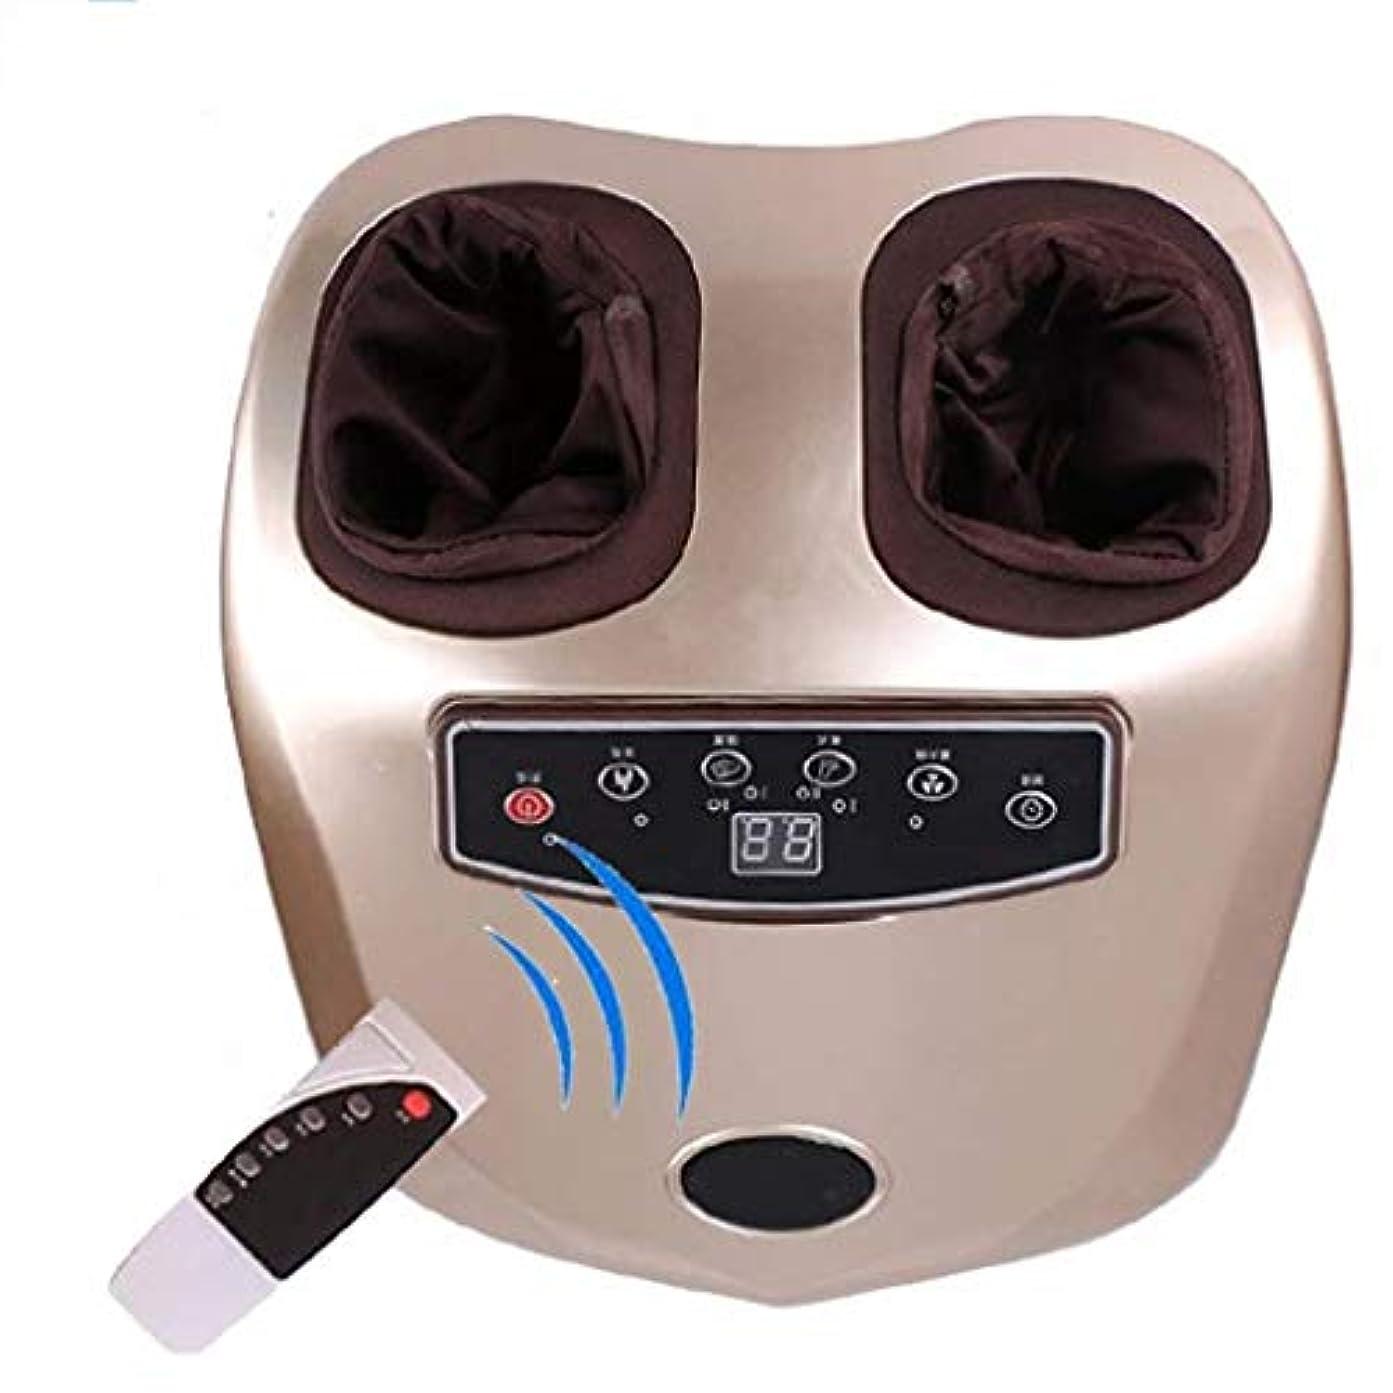 甘やかす意義バッテリーフットマッサージャー、電気フットマッサージャー、360°赤外線自動暖房/マッサージ、ホームのマッサージを混練、リモコン操作